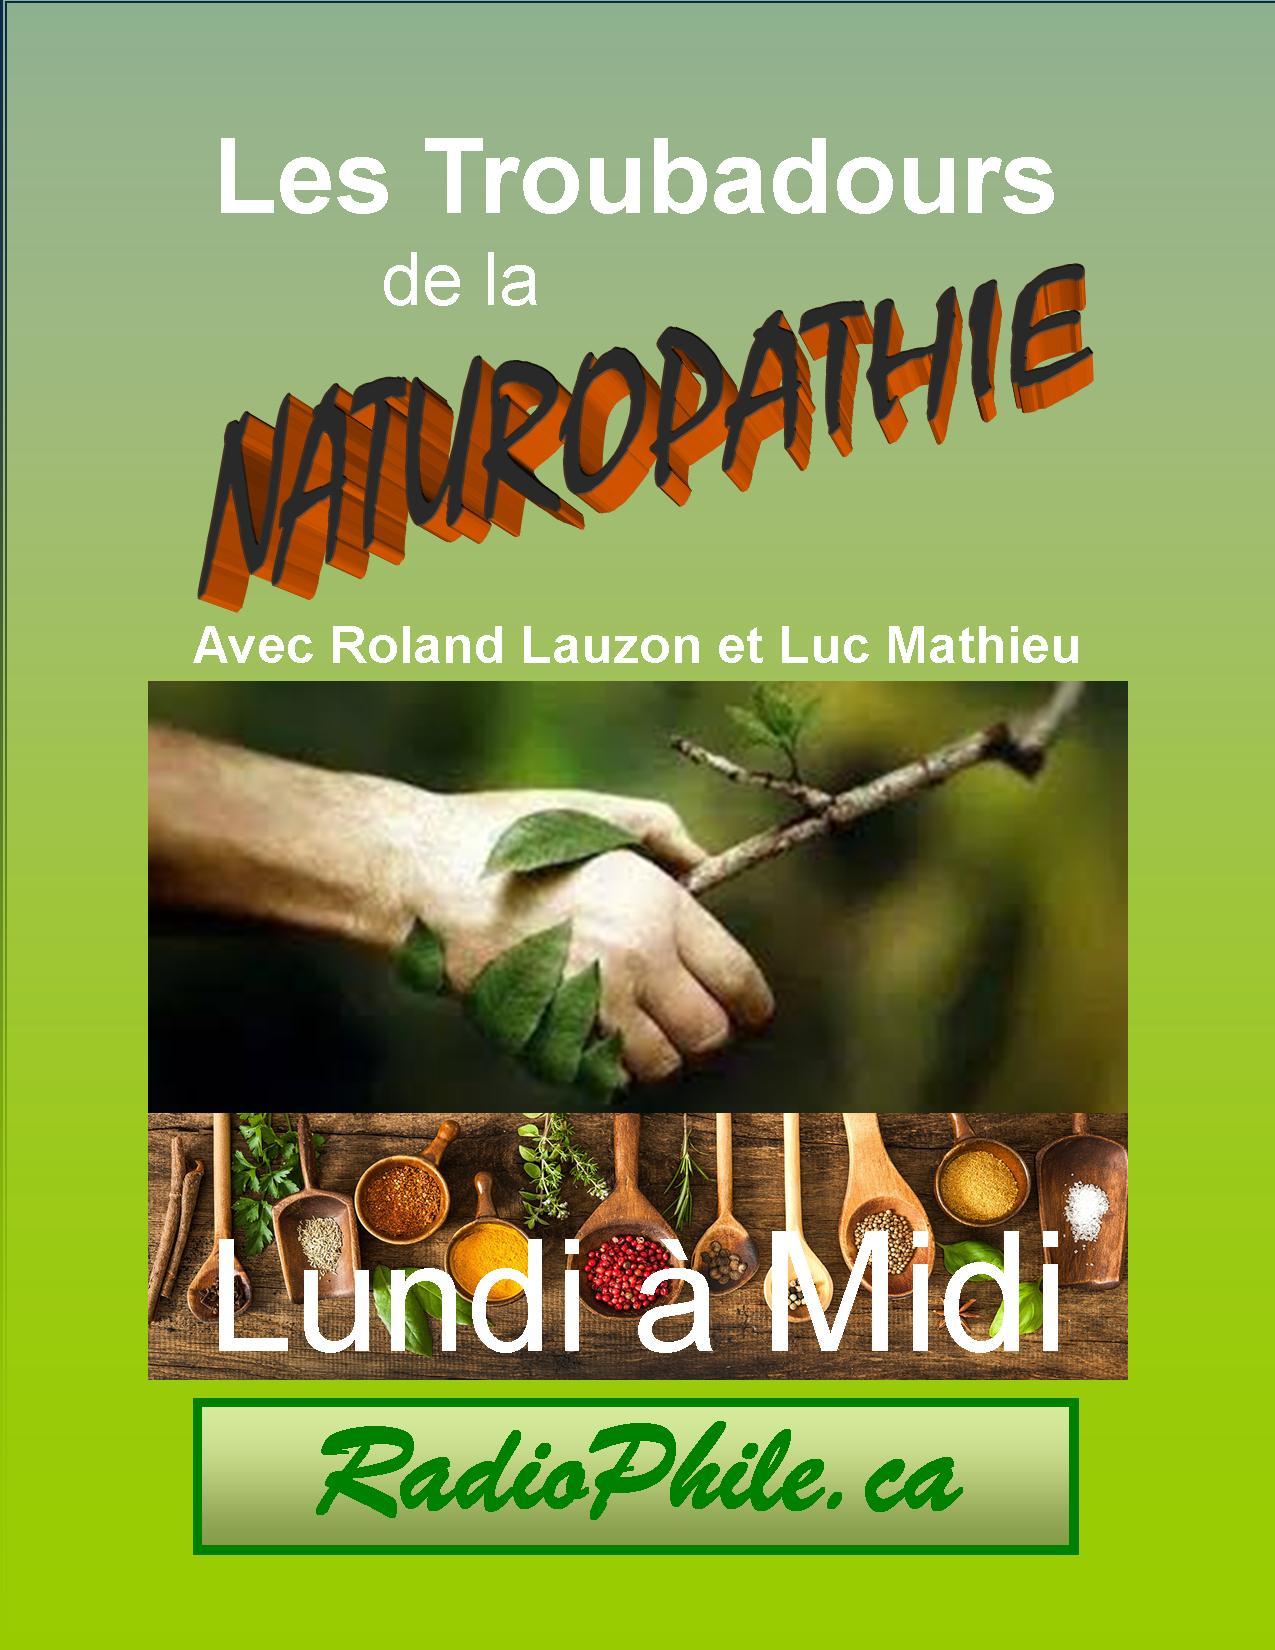 Les Troubadours de la Naturopathie